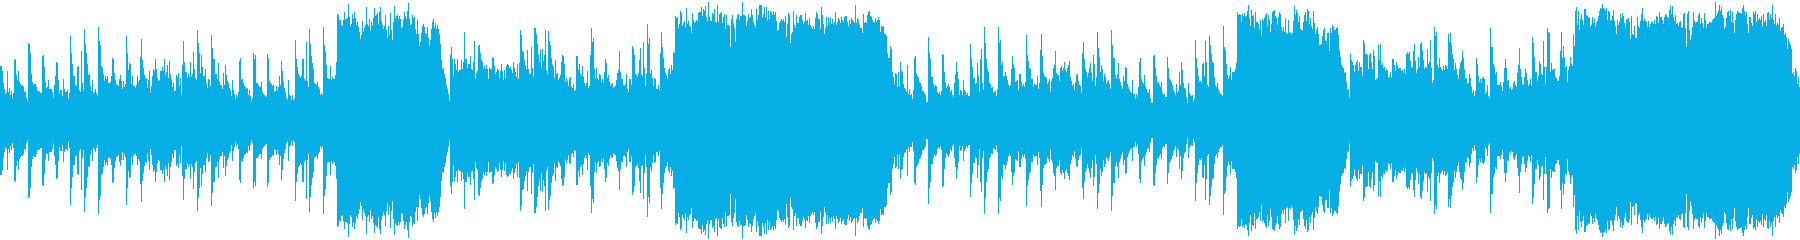 感動系壮大エピックサウンドの再生済みの波形